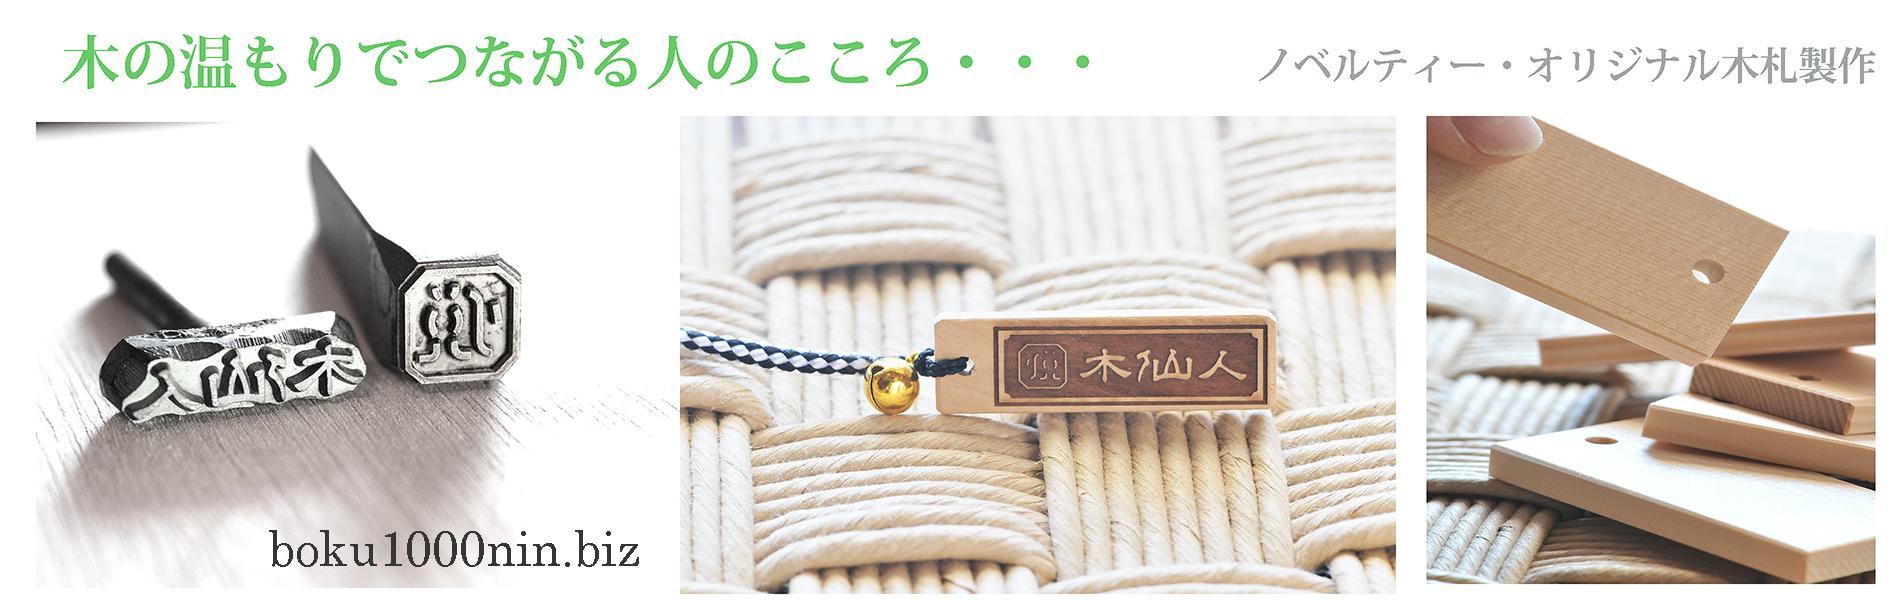 オリジナル木札・ノベルティー製作 木仙人